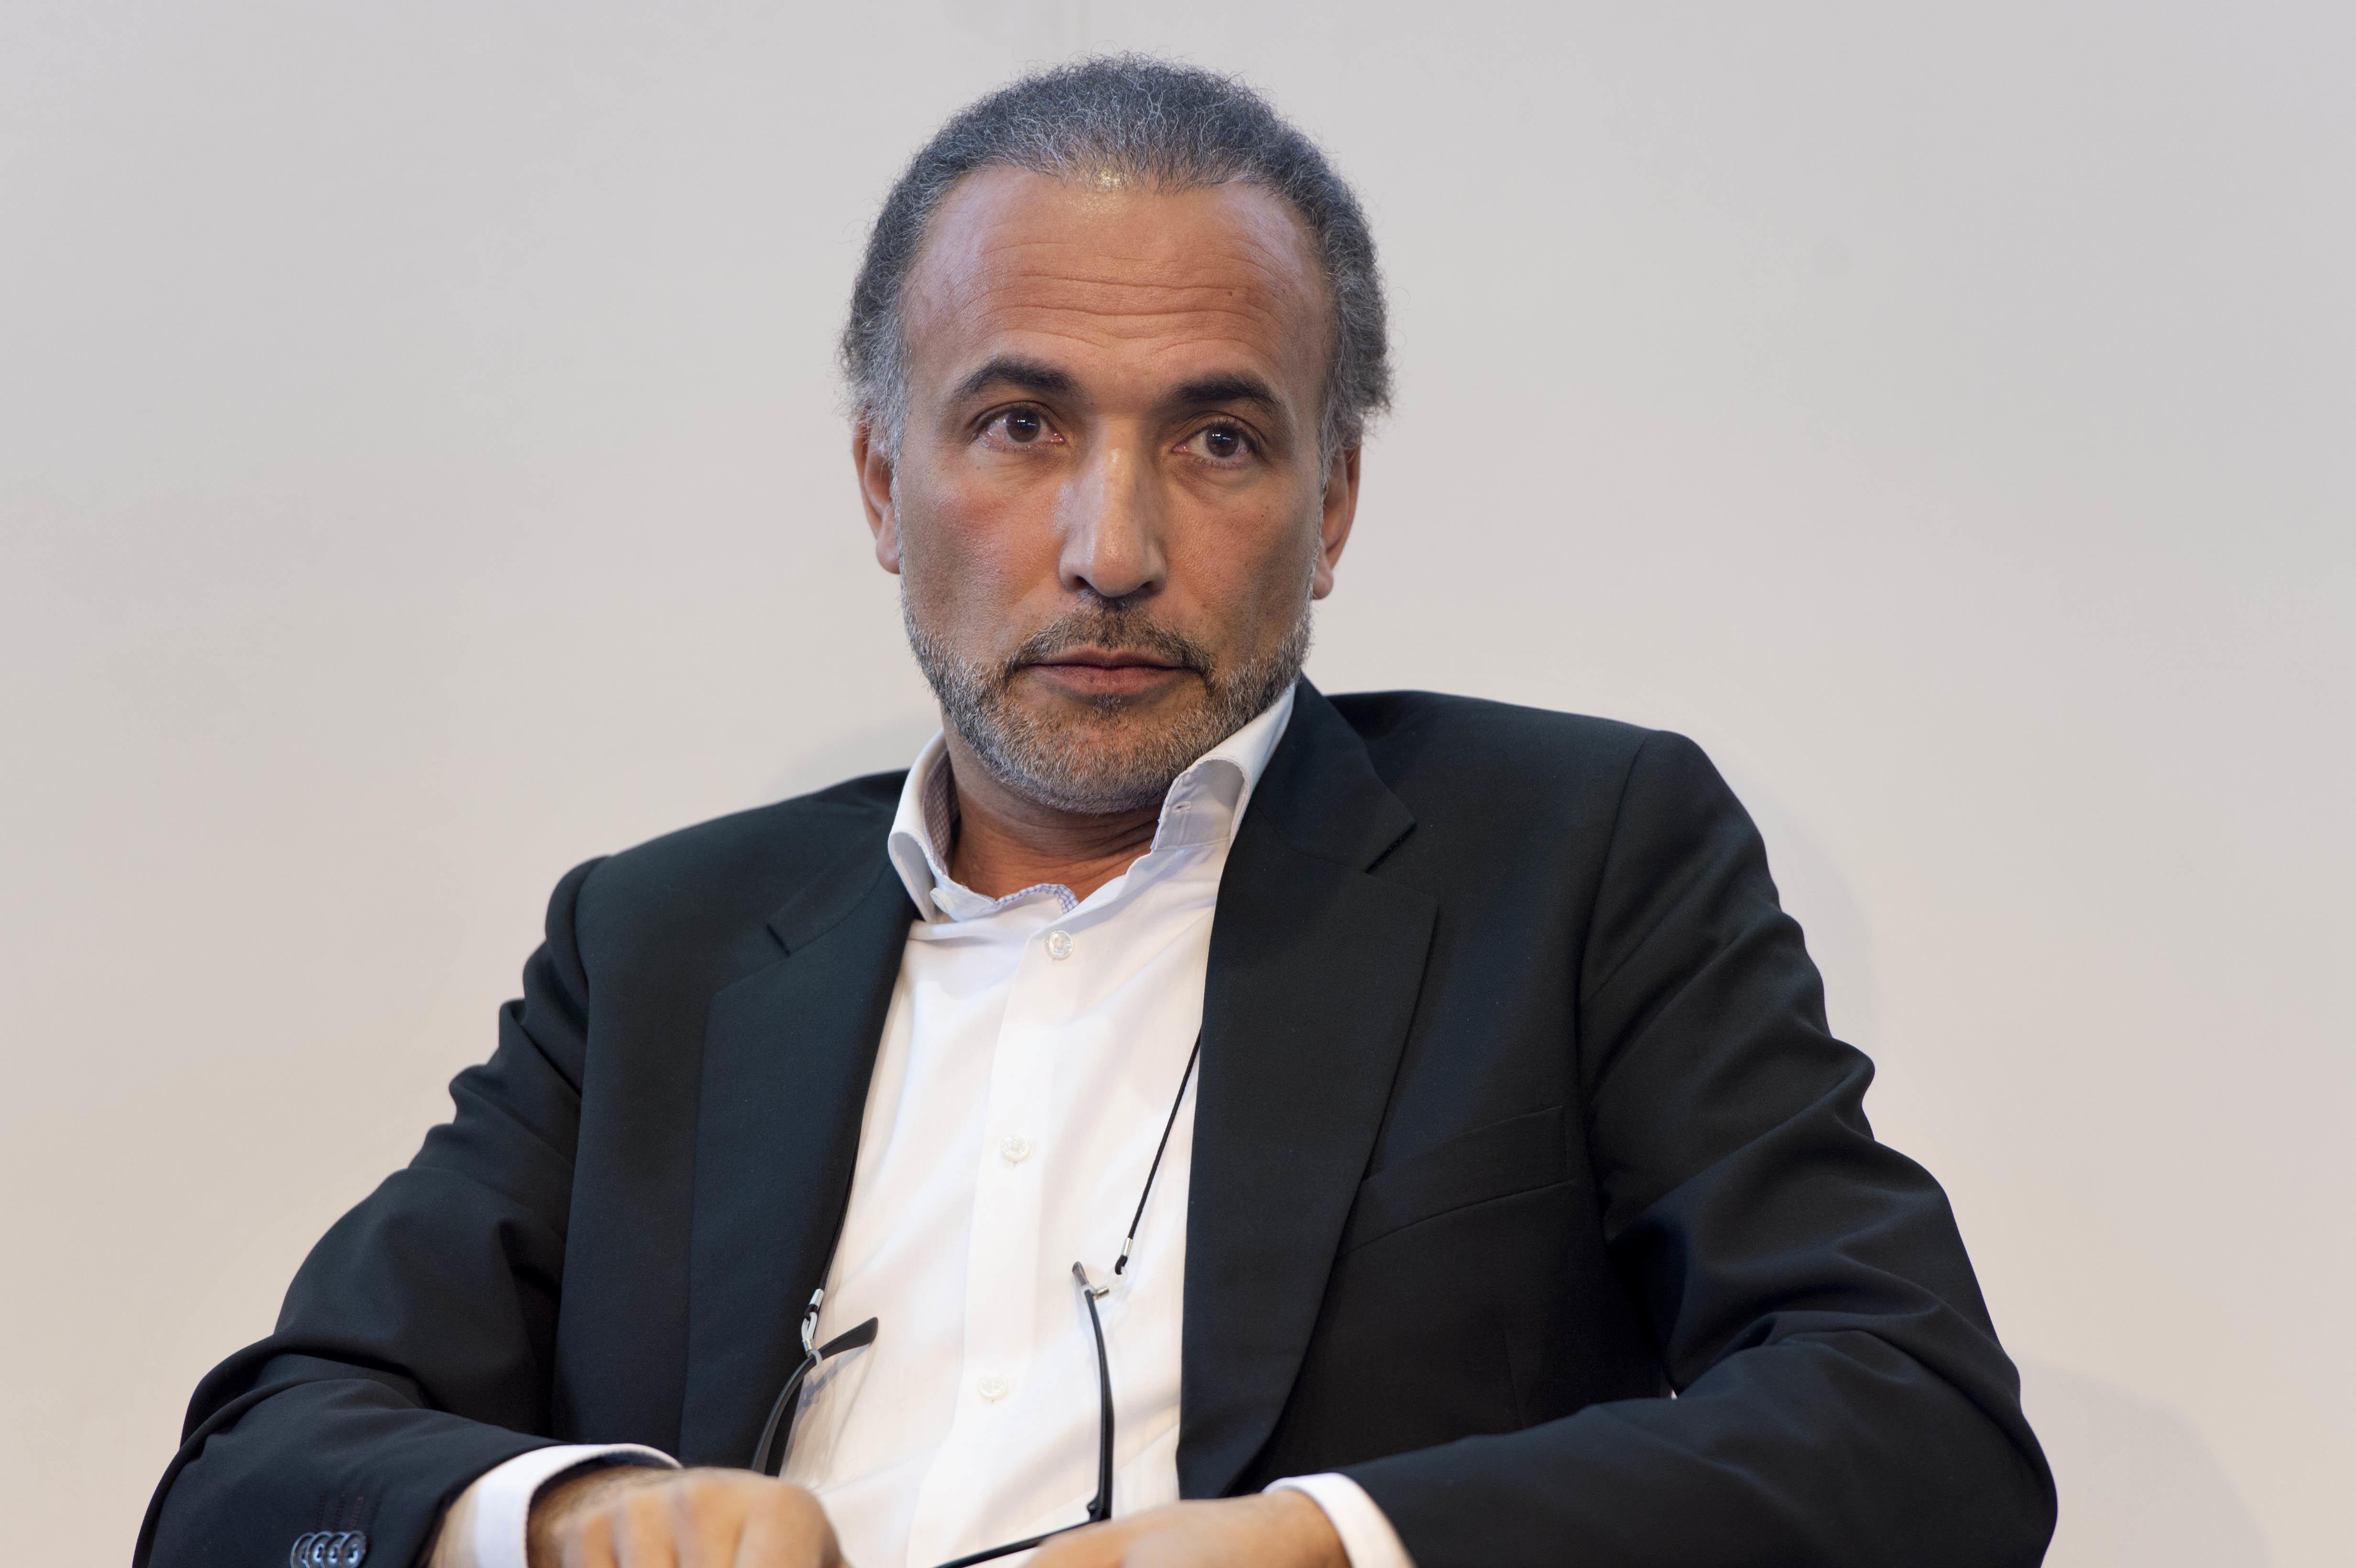 La Cour d'appel de Paris décide de maintenir en détention provisoire l'islamologue Tariq